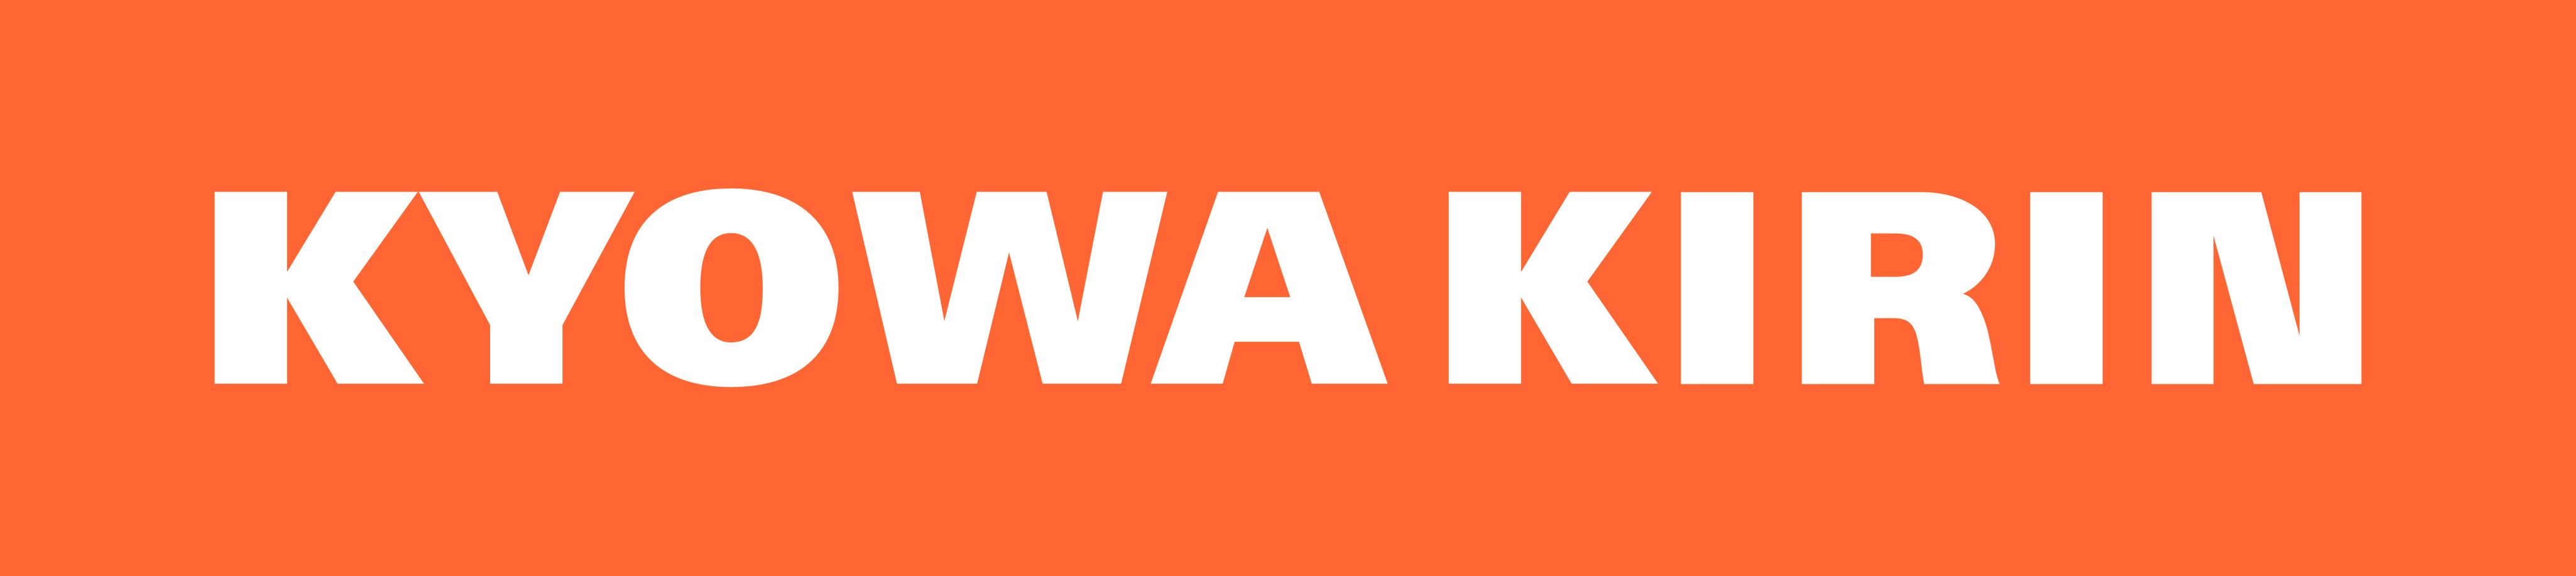 kyowakirin nieuw logo